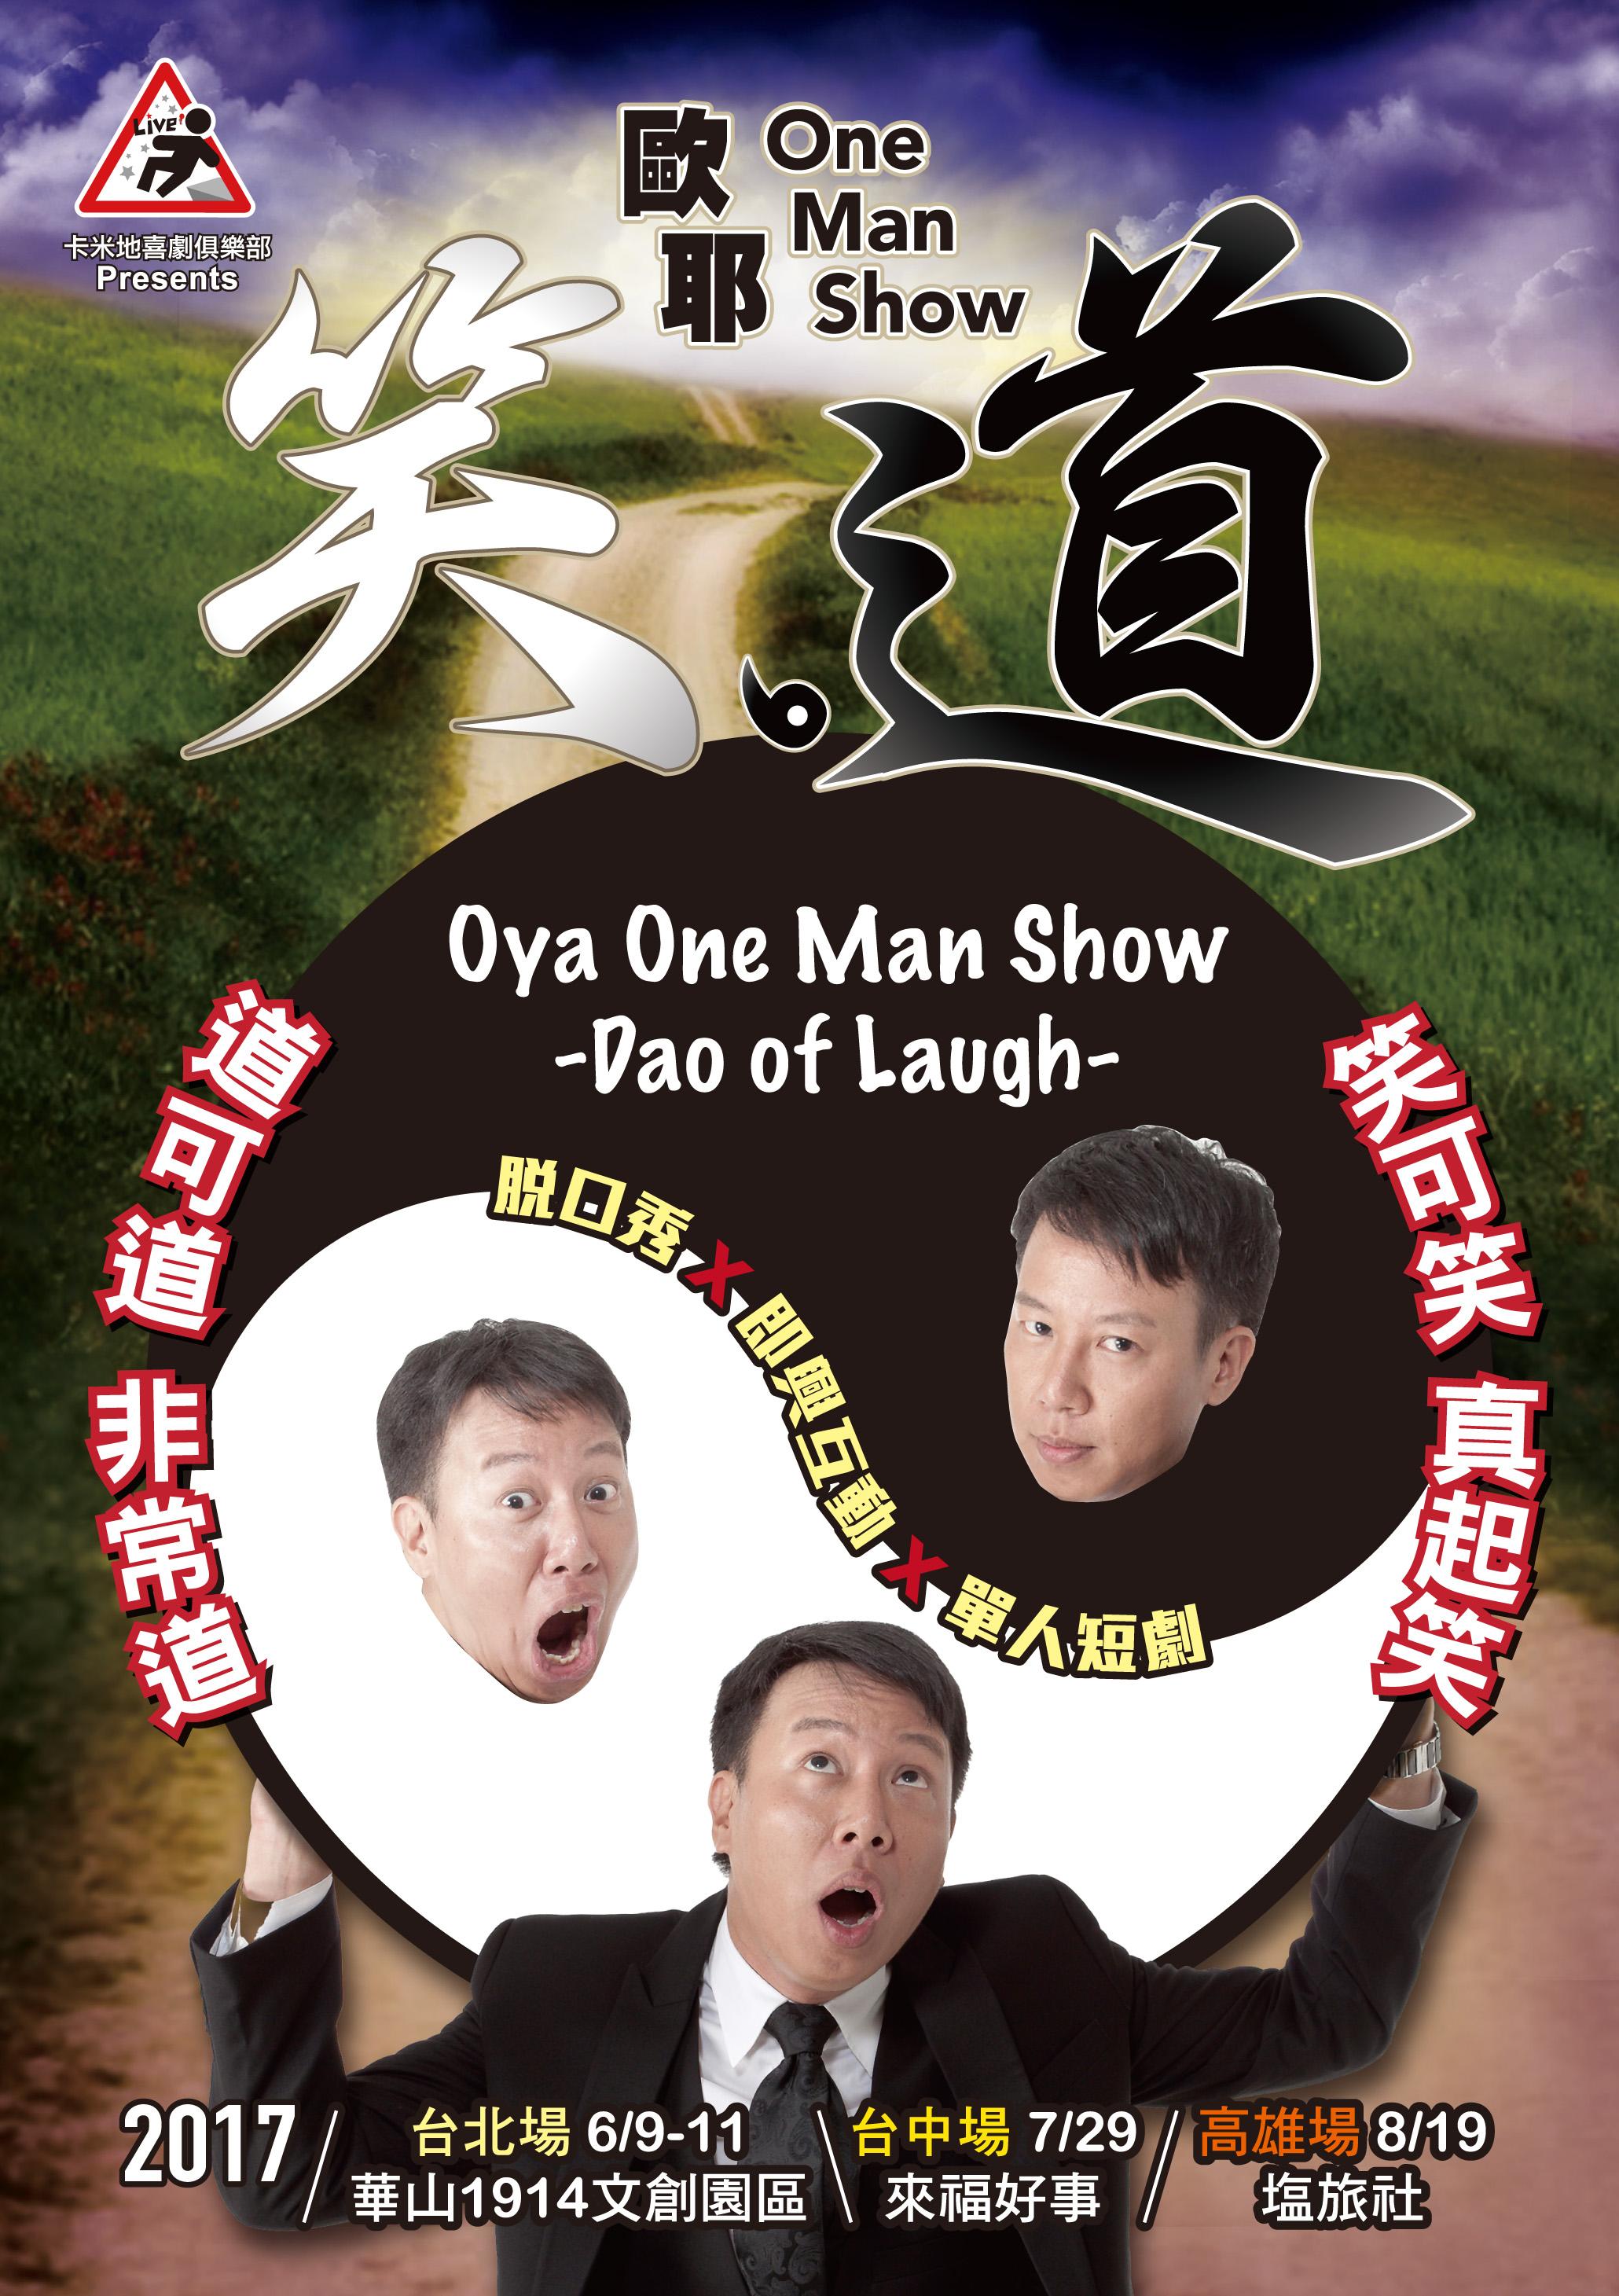 6/9-8/19 歐耶 One Man Show:笑.道 – 北中南演出